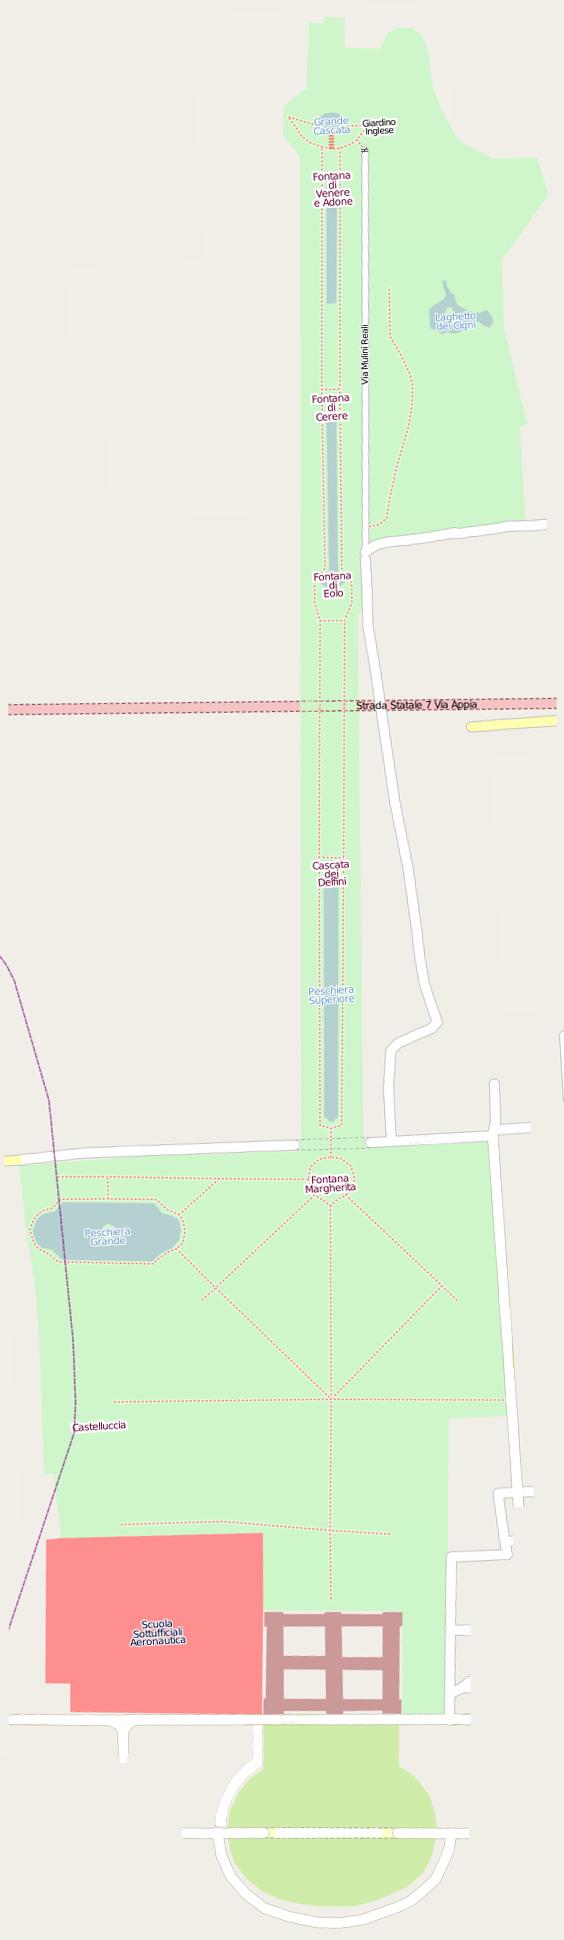 Mappa Reggia di Caserta